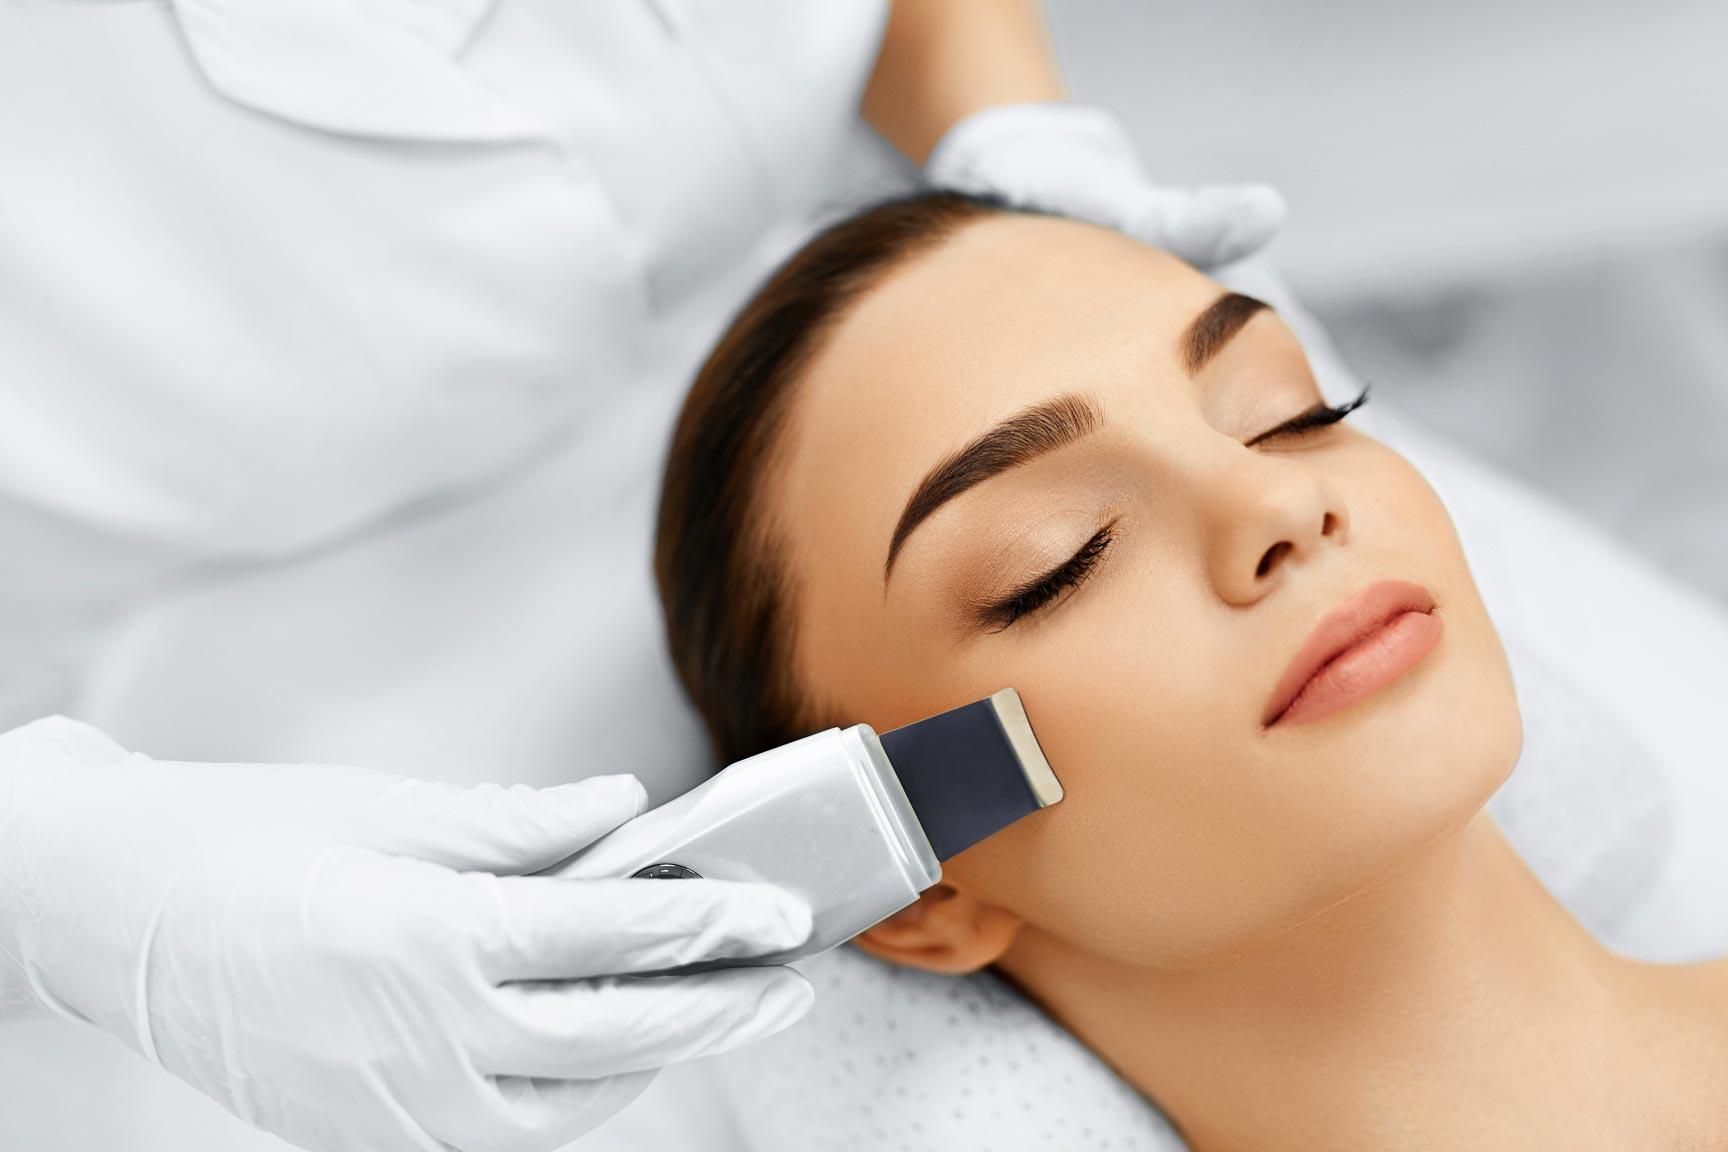 Renueva la piel de tu rostro con peeling facial - Facial Peel, After summer skin care